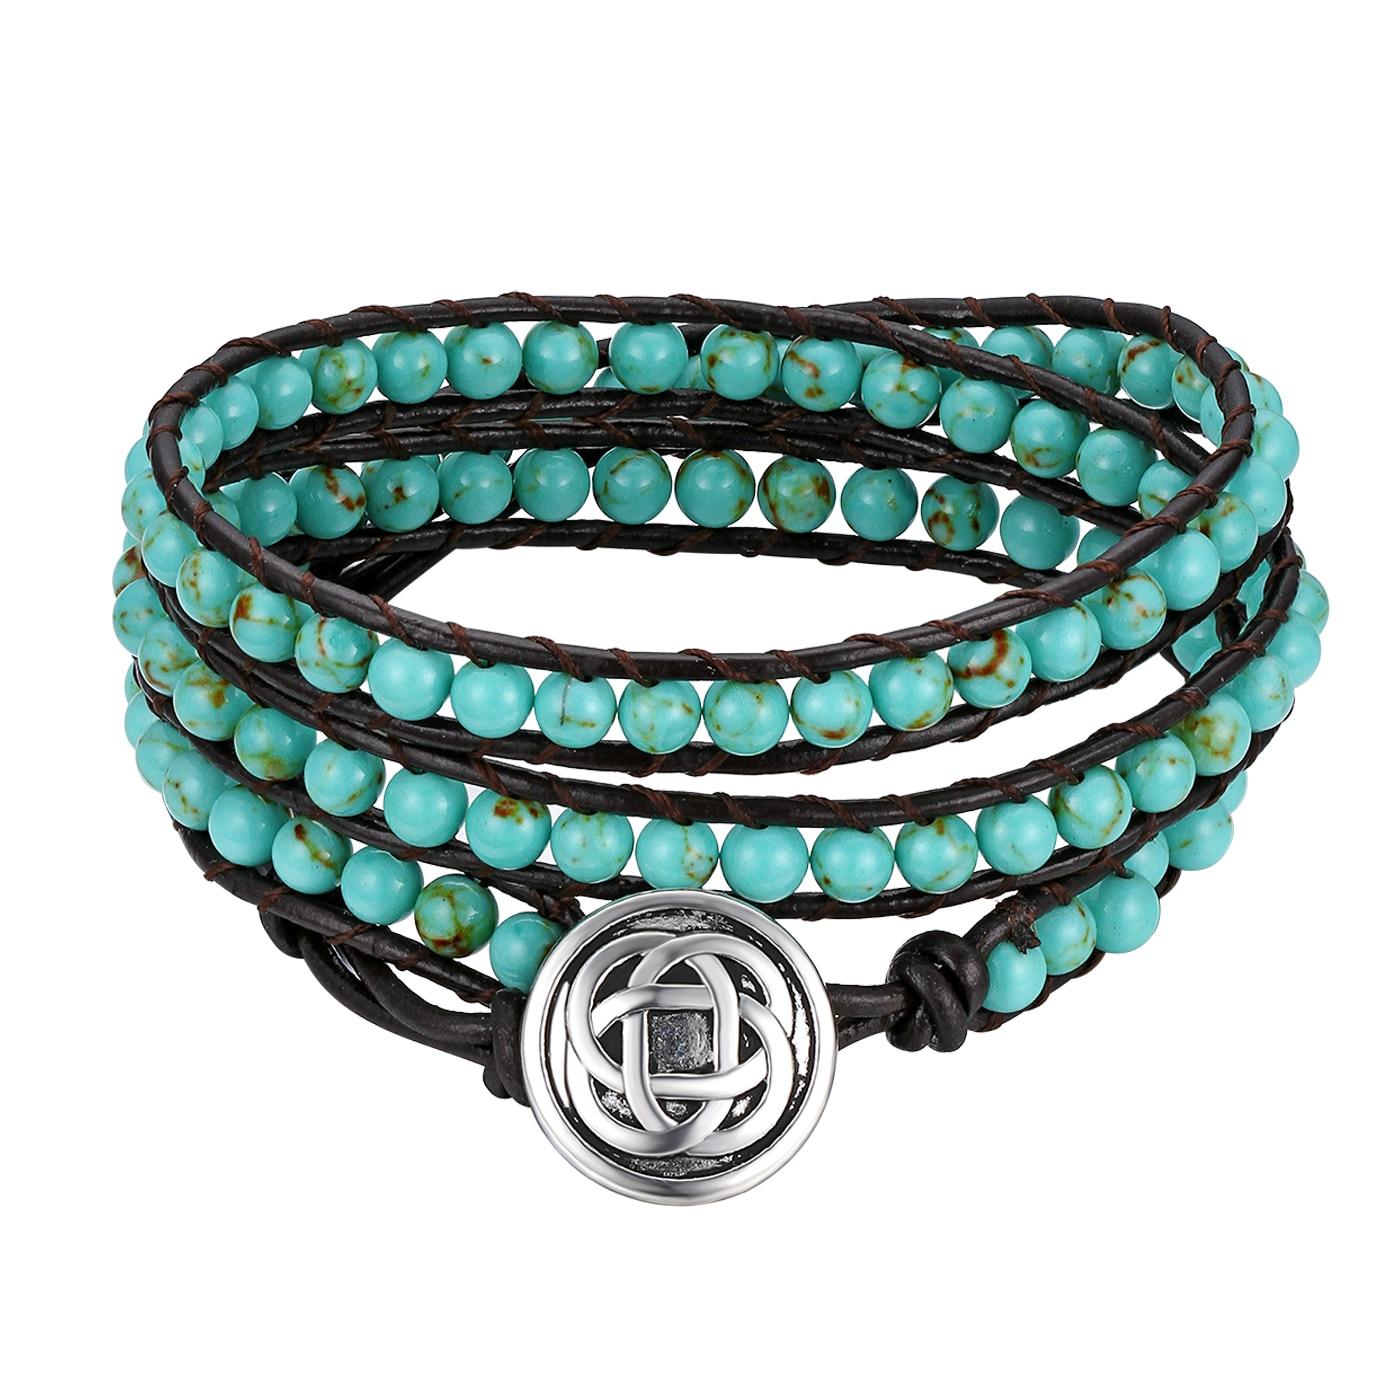 Vintage Himalayan Style Leather Bracelets